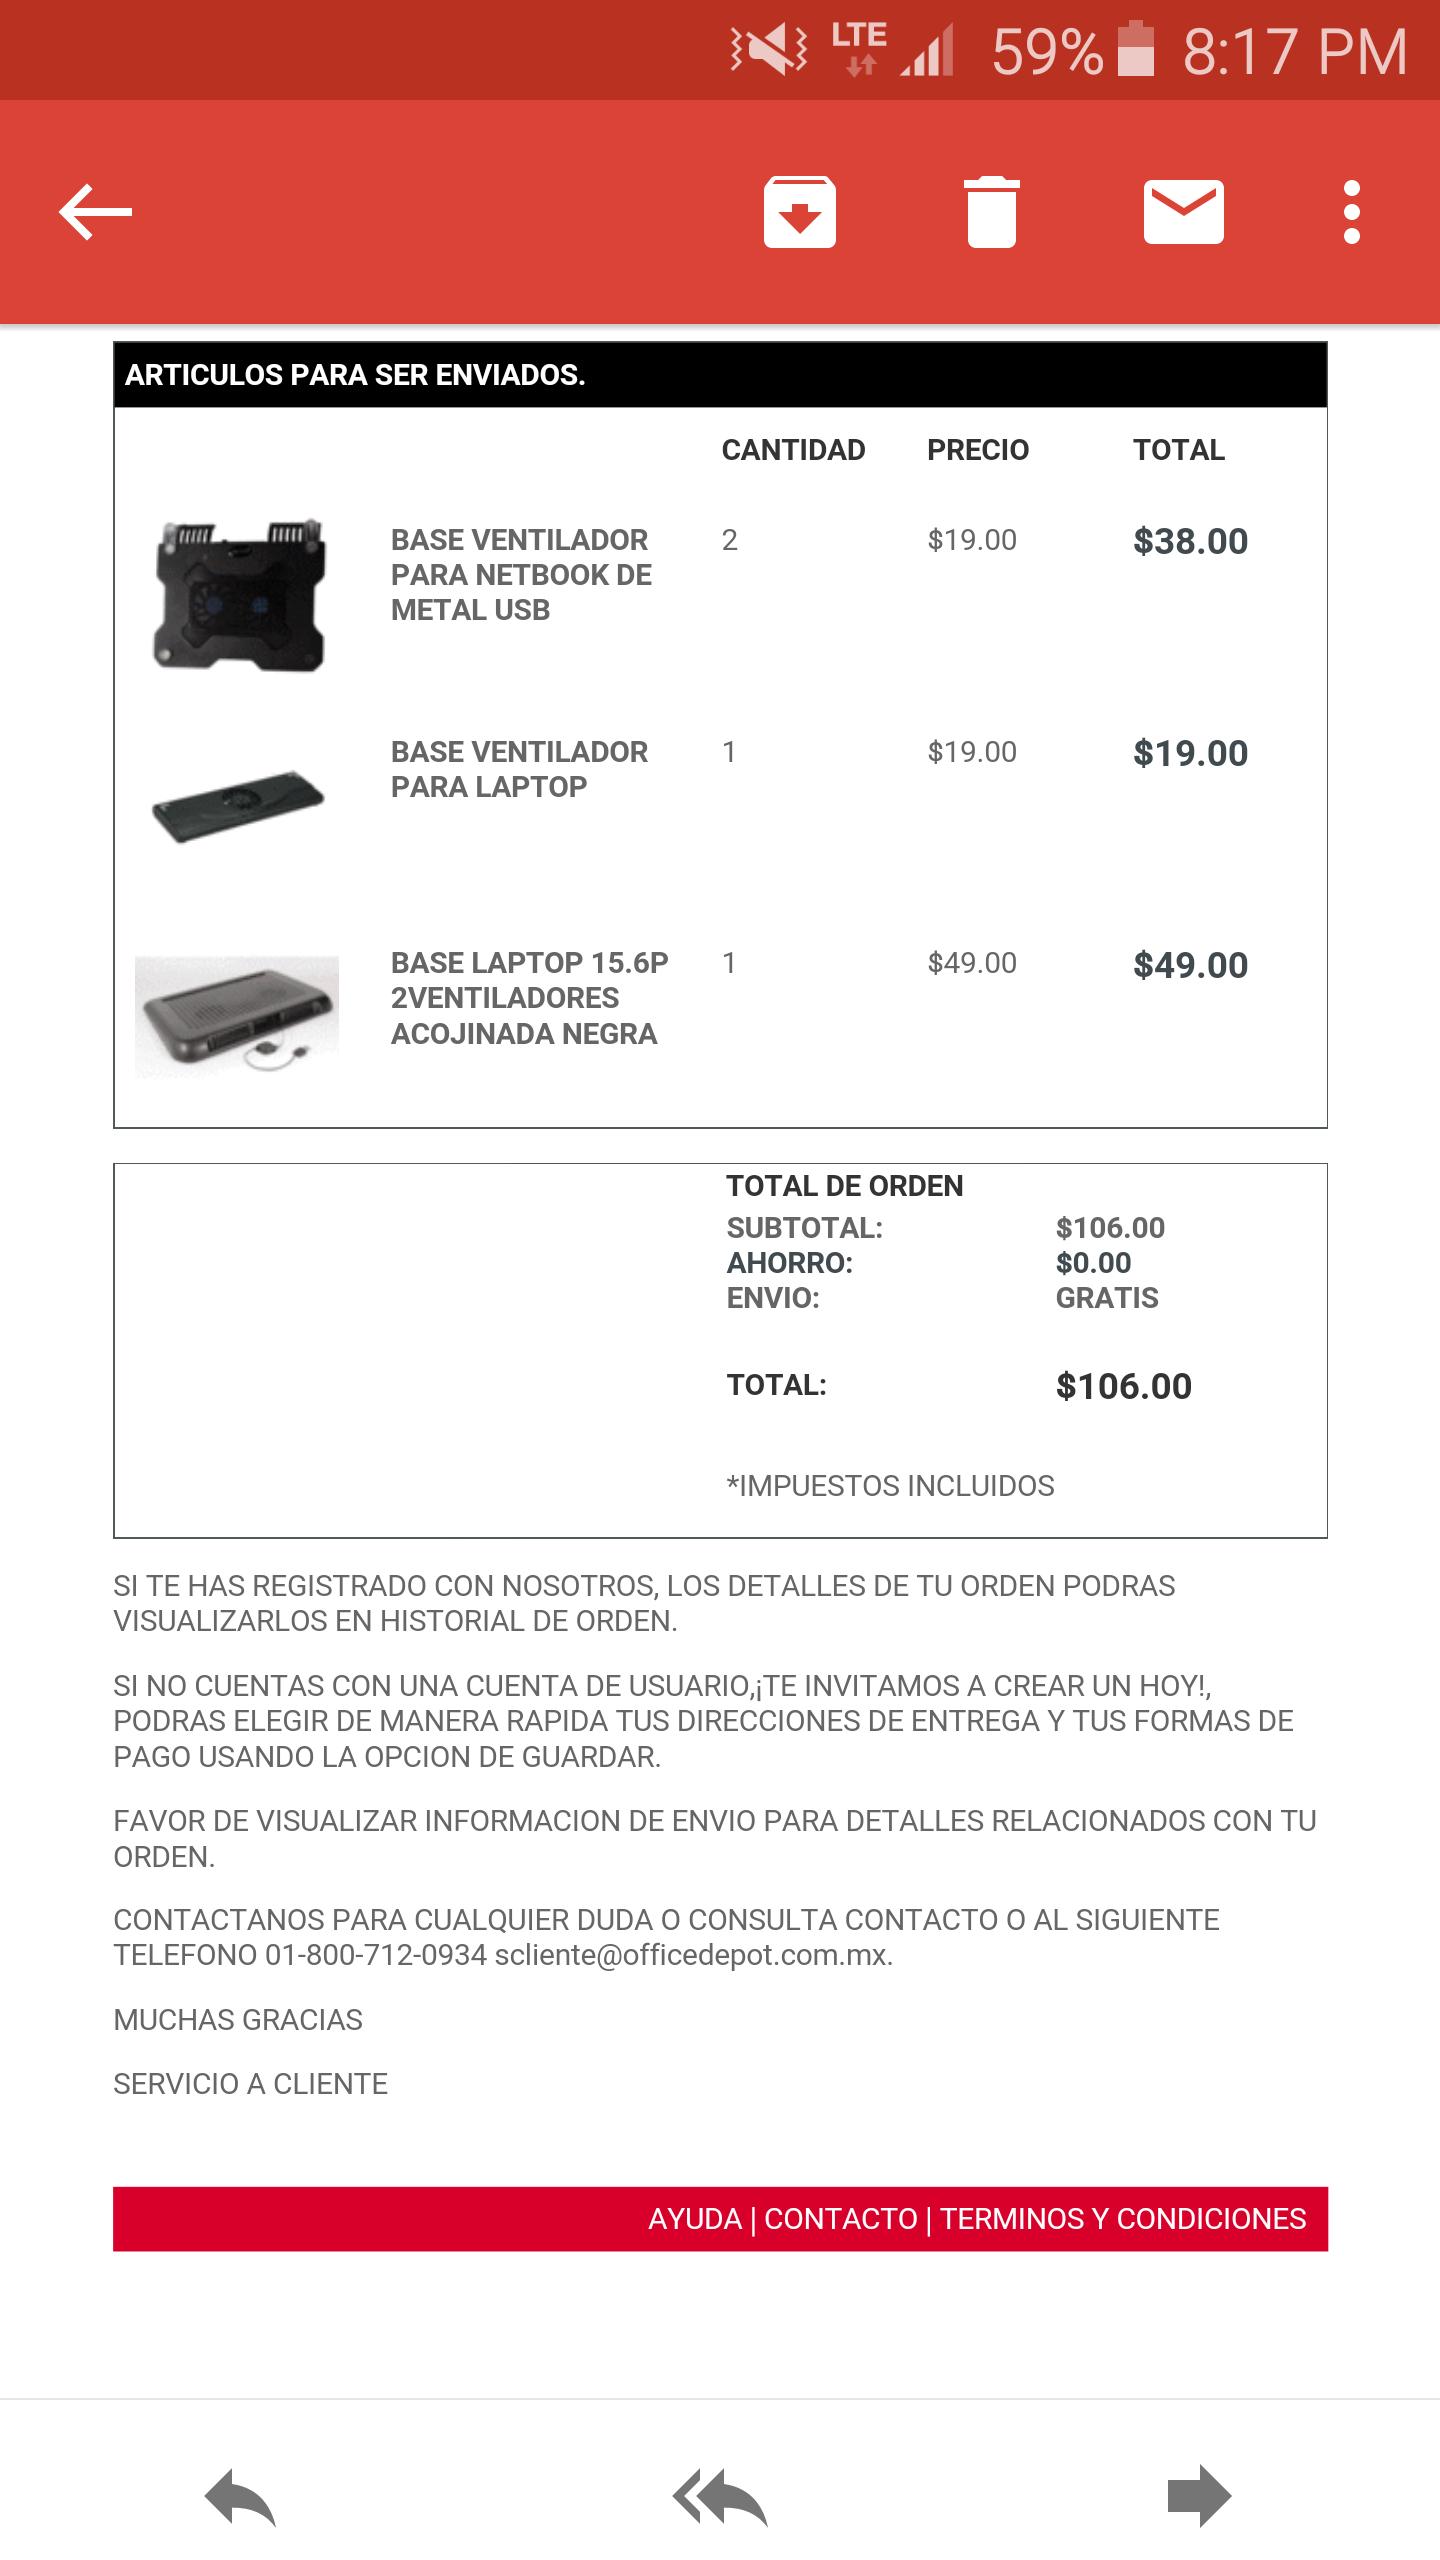 Office Depot: ventiladores para laptops de $19 y $49 pesos